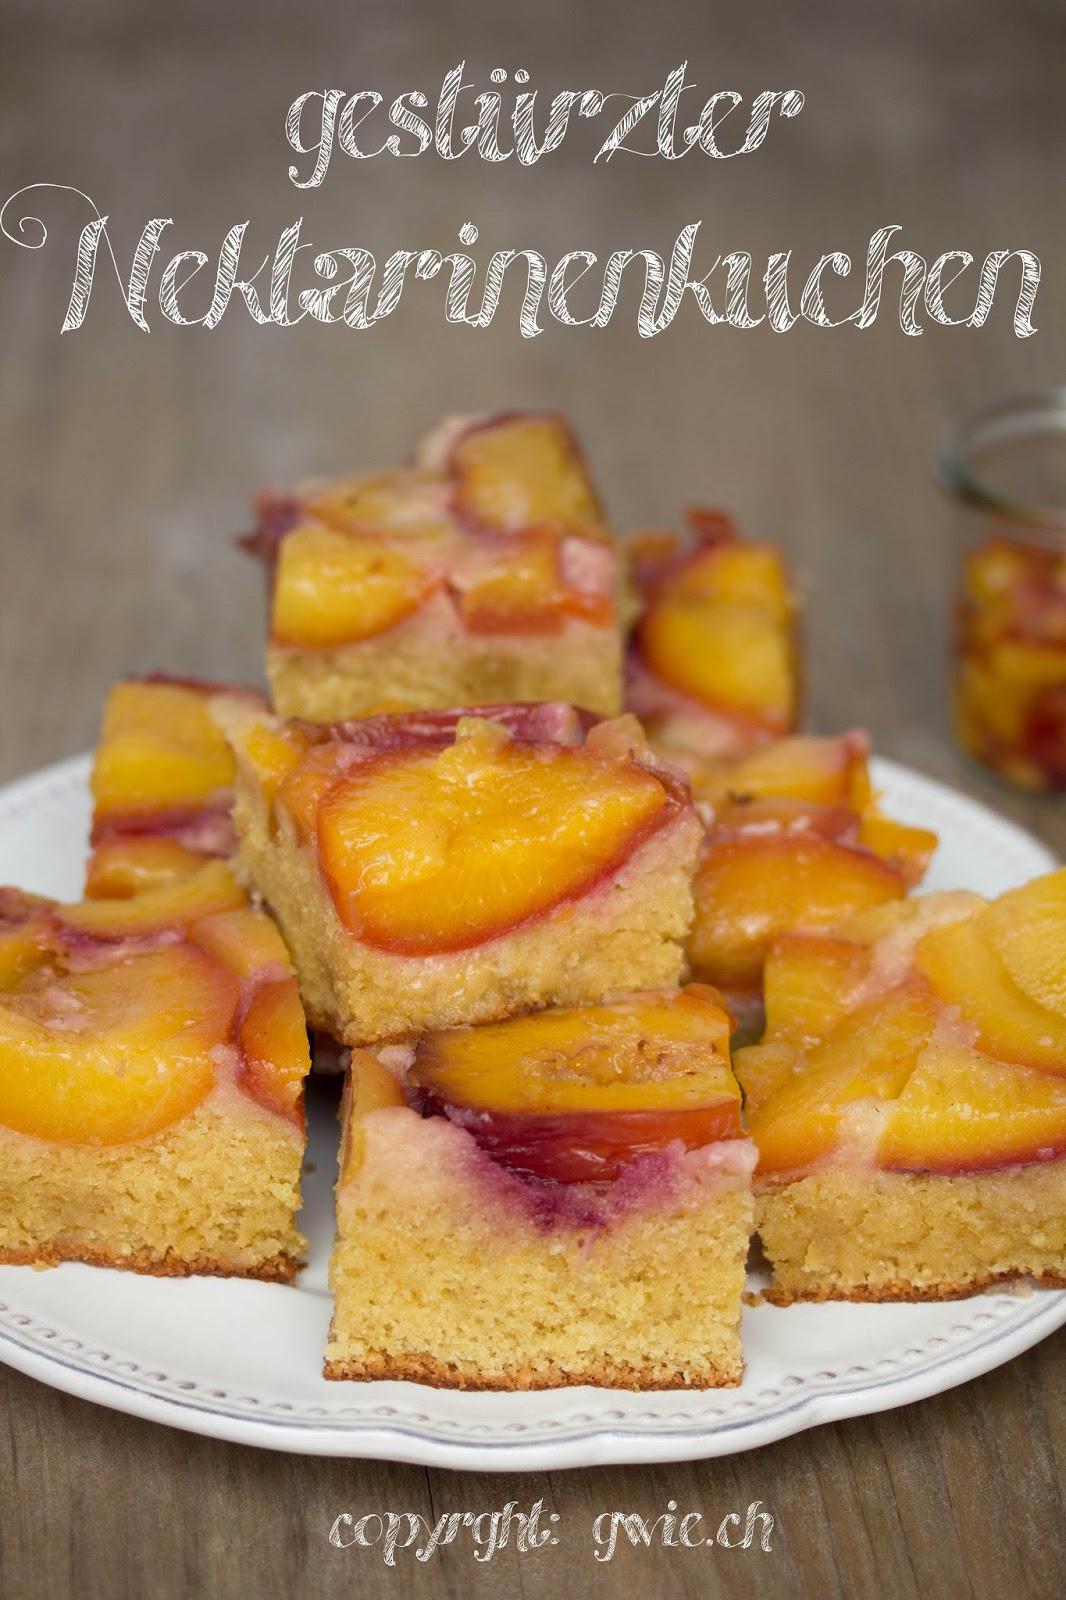 nektarinenkuchen, gestürzter kuchen, verkehrt gebackener kuchen